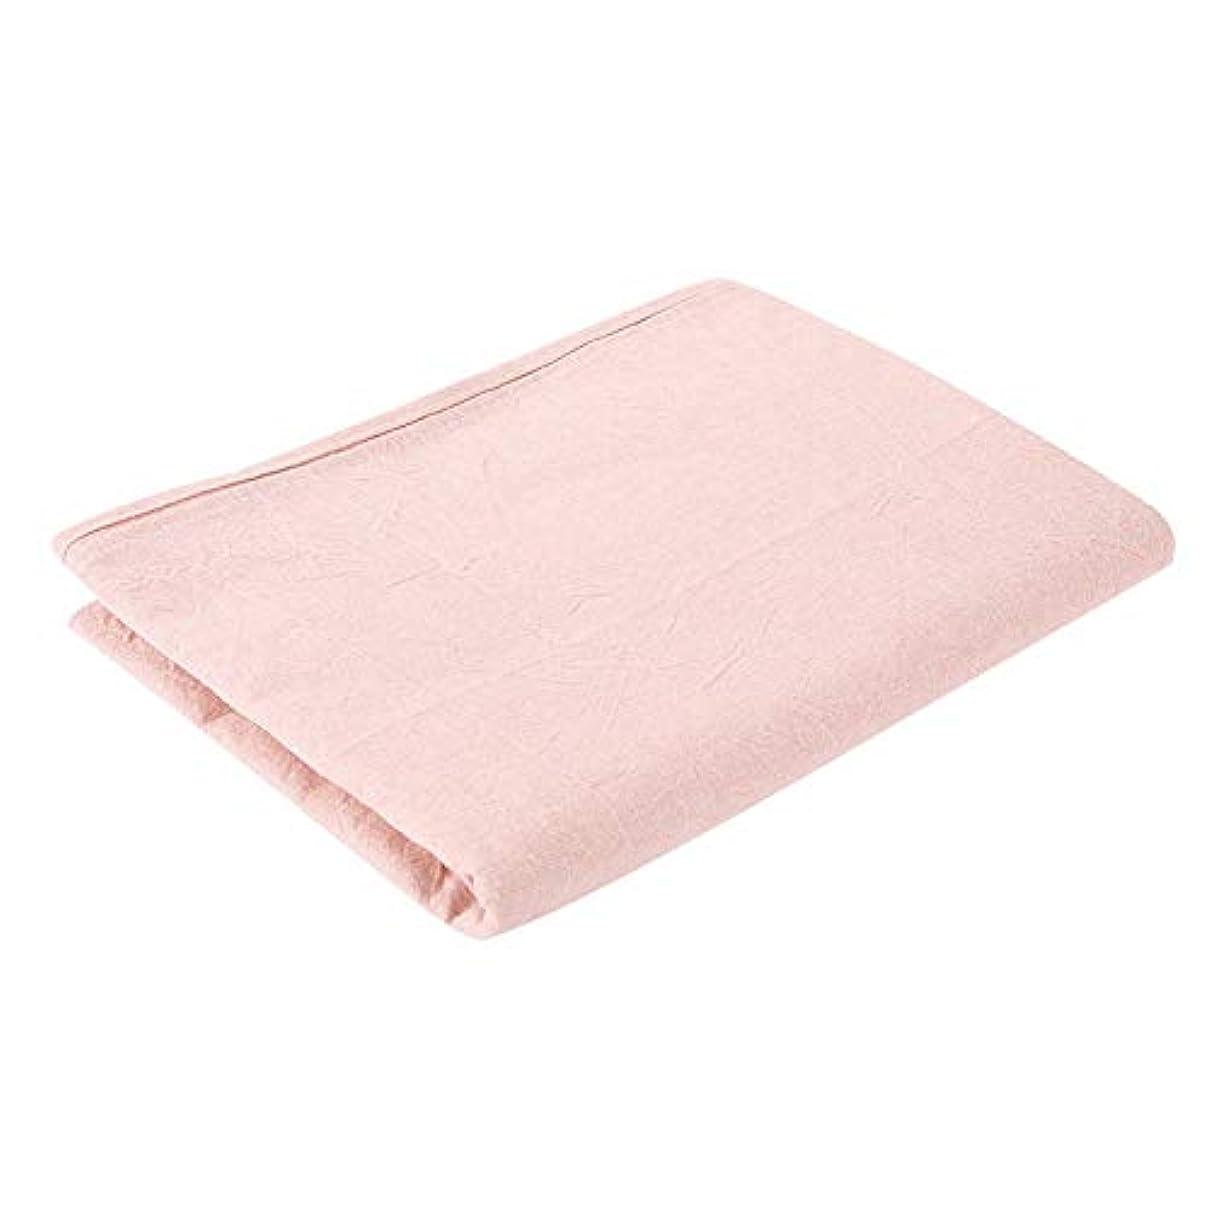 力強い専制離婚通気性のある 穴が付いている 8色 美容院 マッサージ 鉱泉 ソファー 顔の呼吸穴が付いている カバー 柔らかい 綿 ベッド カバー(07)